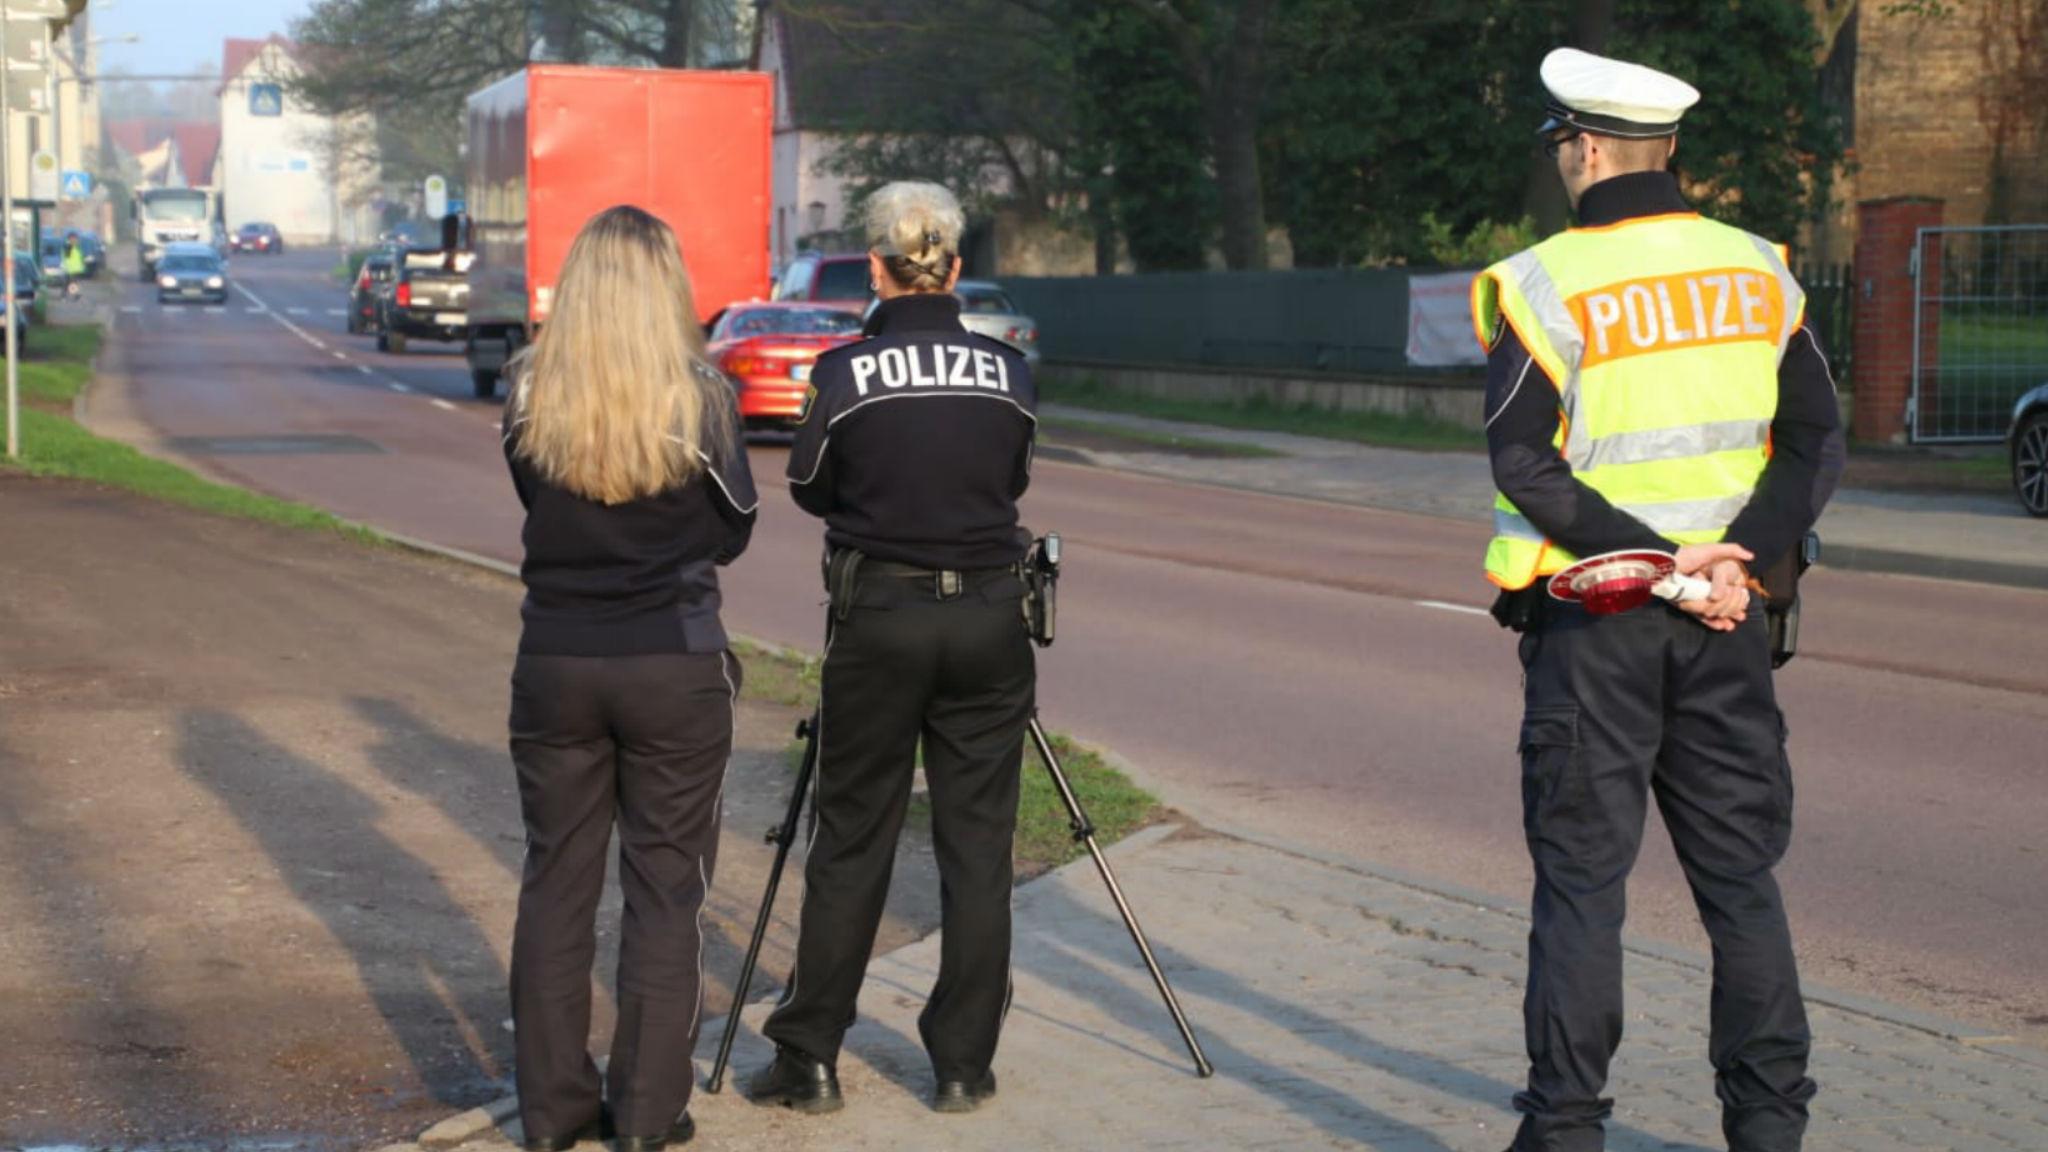 Polizei Großkontrollen Am Donnerstag Du Bist Halle